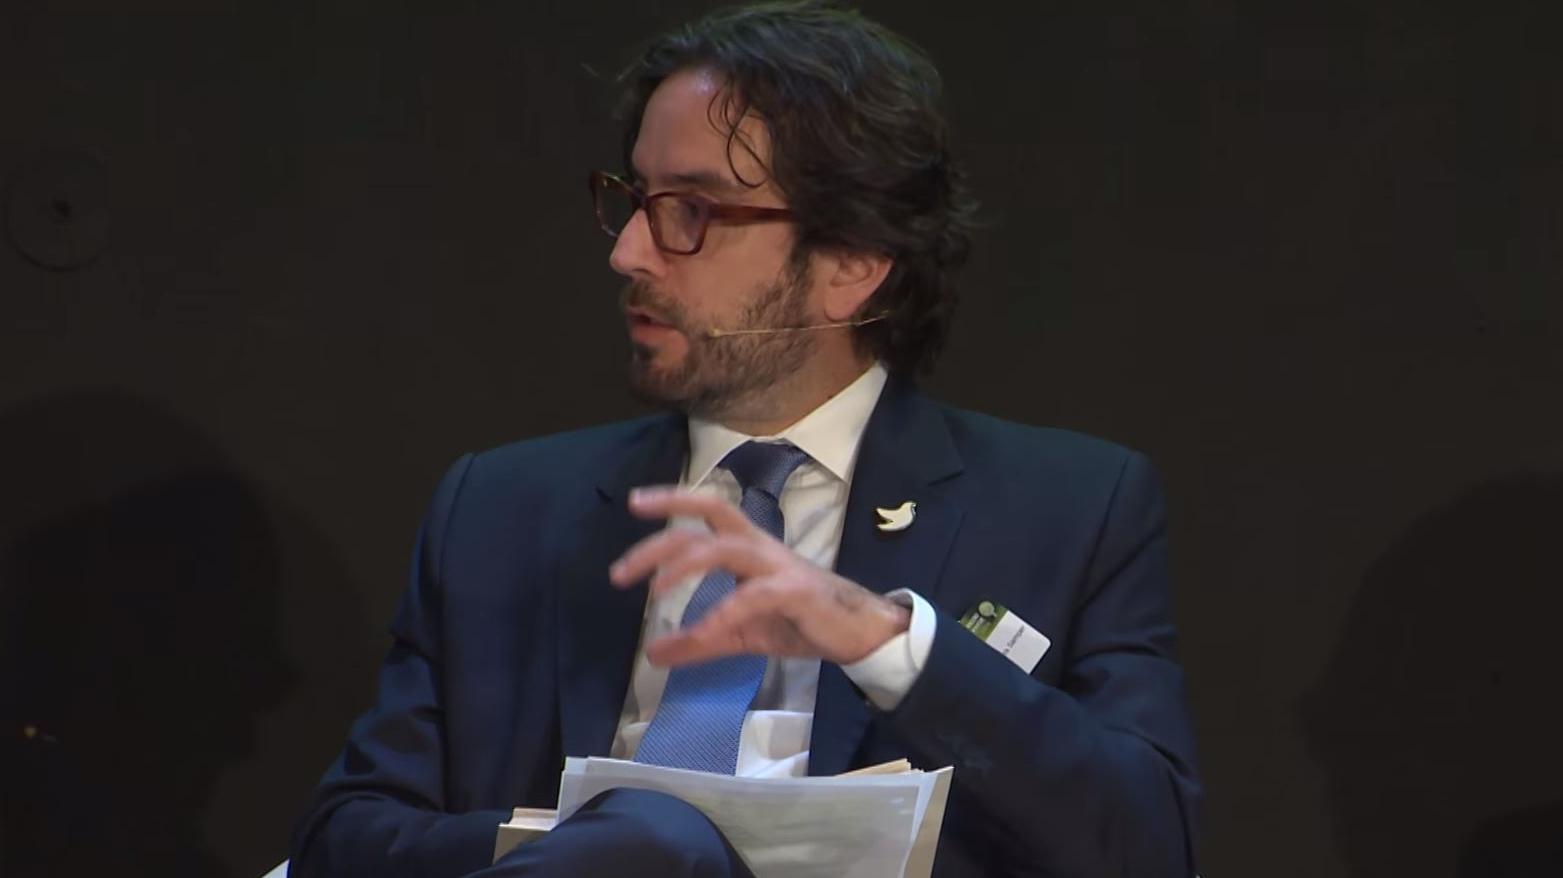 Pablo Viera Samper